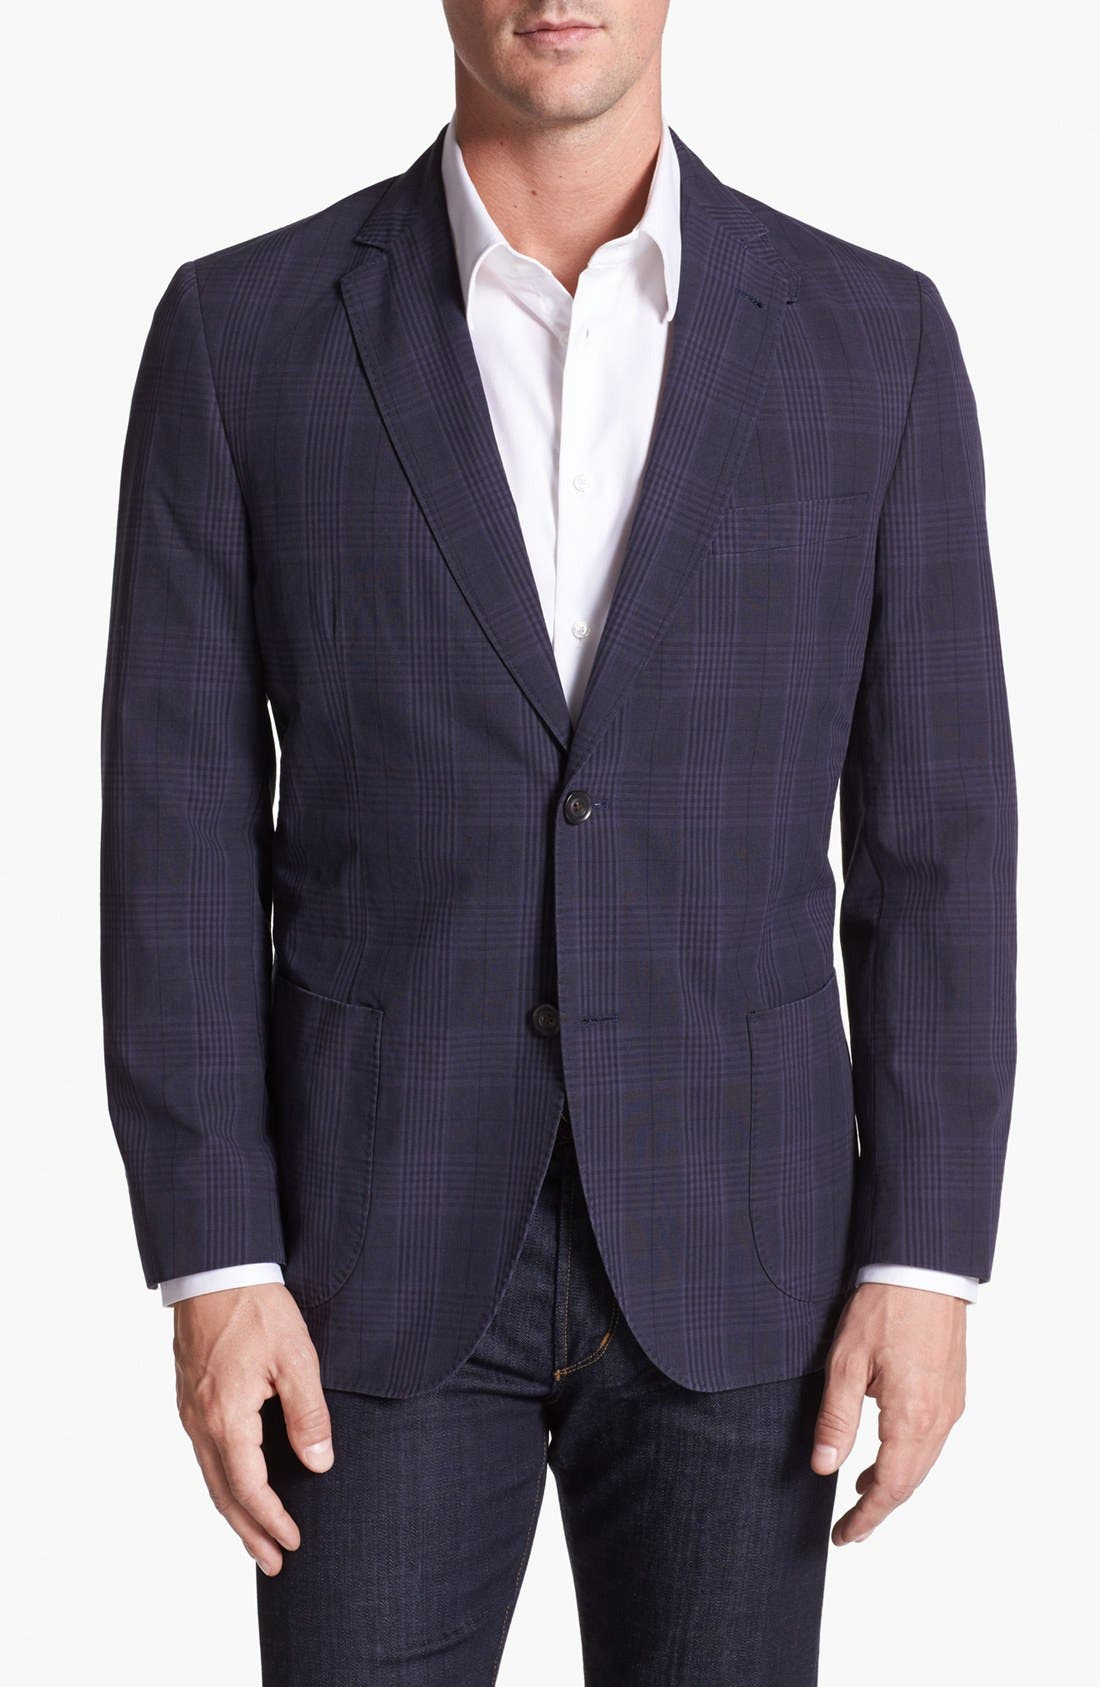 Main Image - Kroon Cotton Linen Blend Sportcoat